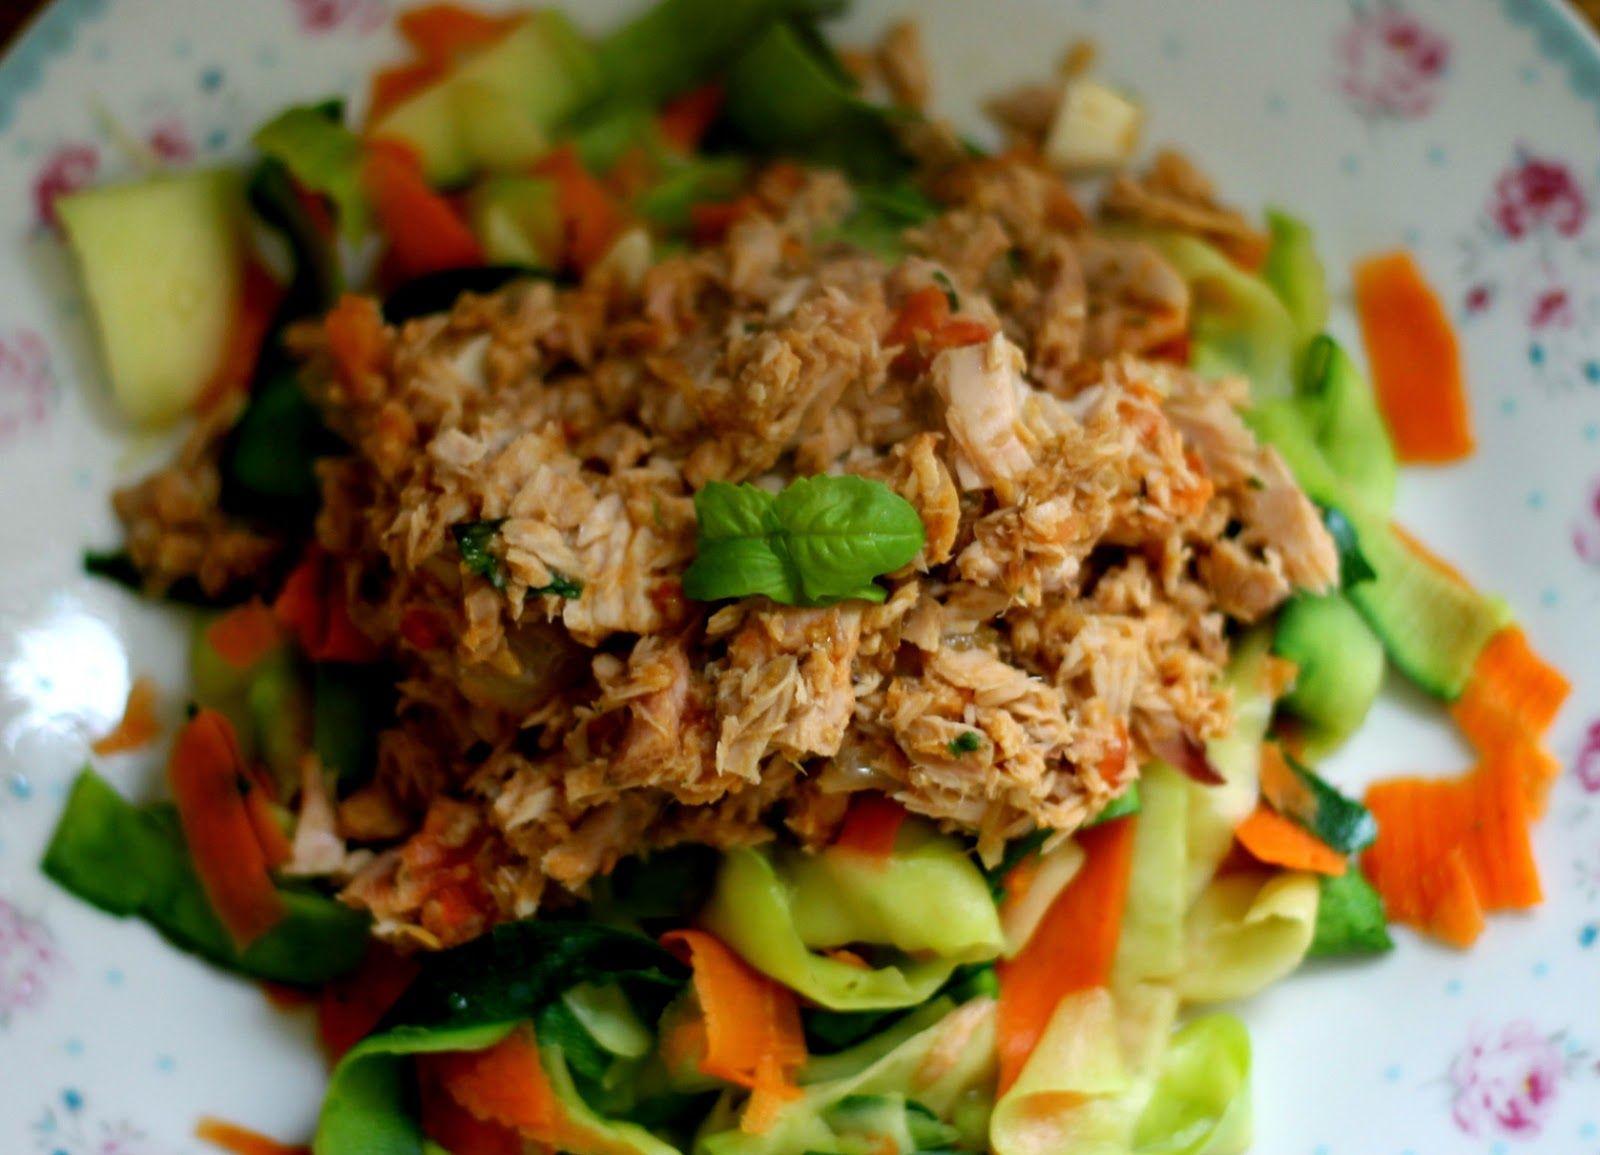 NA ZDROWIE!: Tagliatelle z cukinii i marchewki z obłędnym sosem tuńczykowym